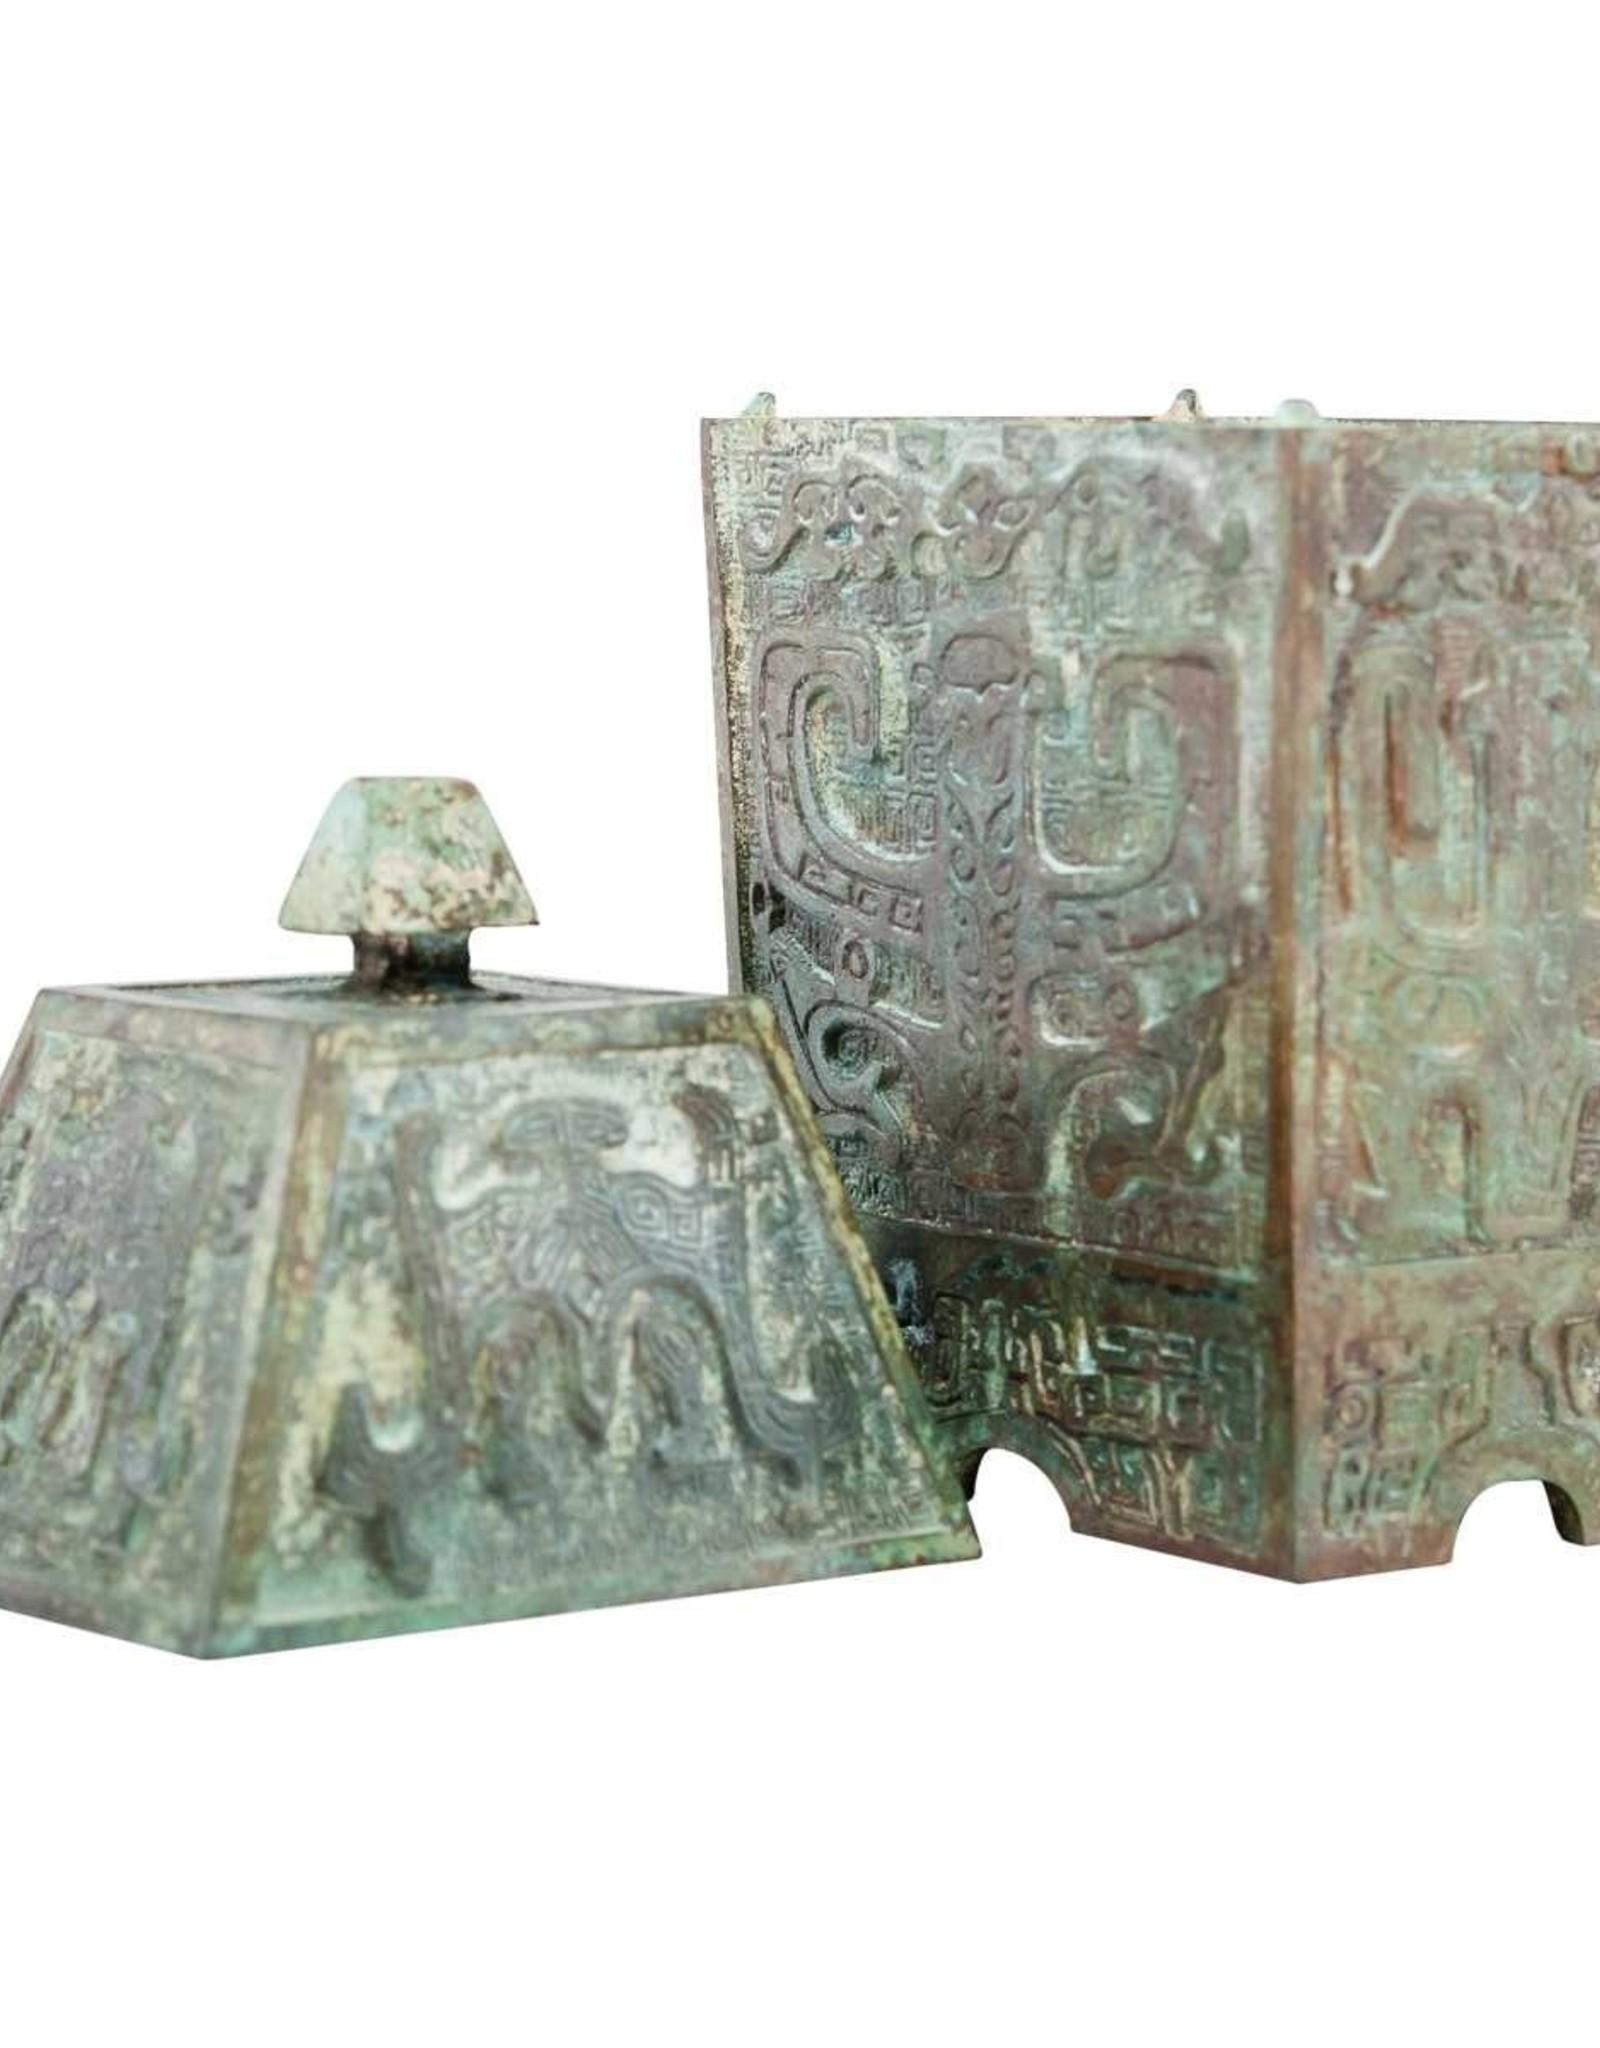 Lawrence & Scott Verdigris Bronze Wine Vessel